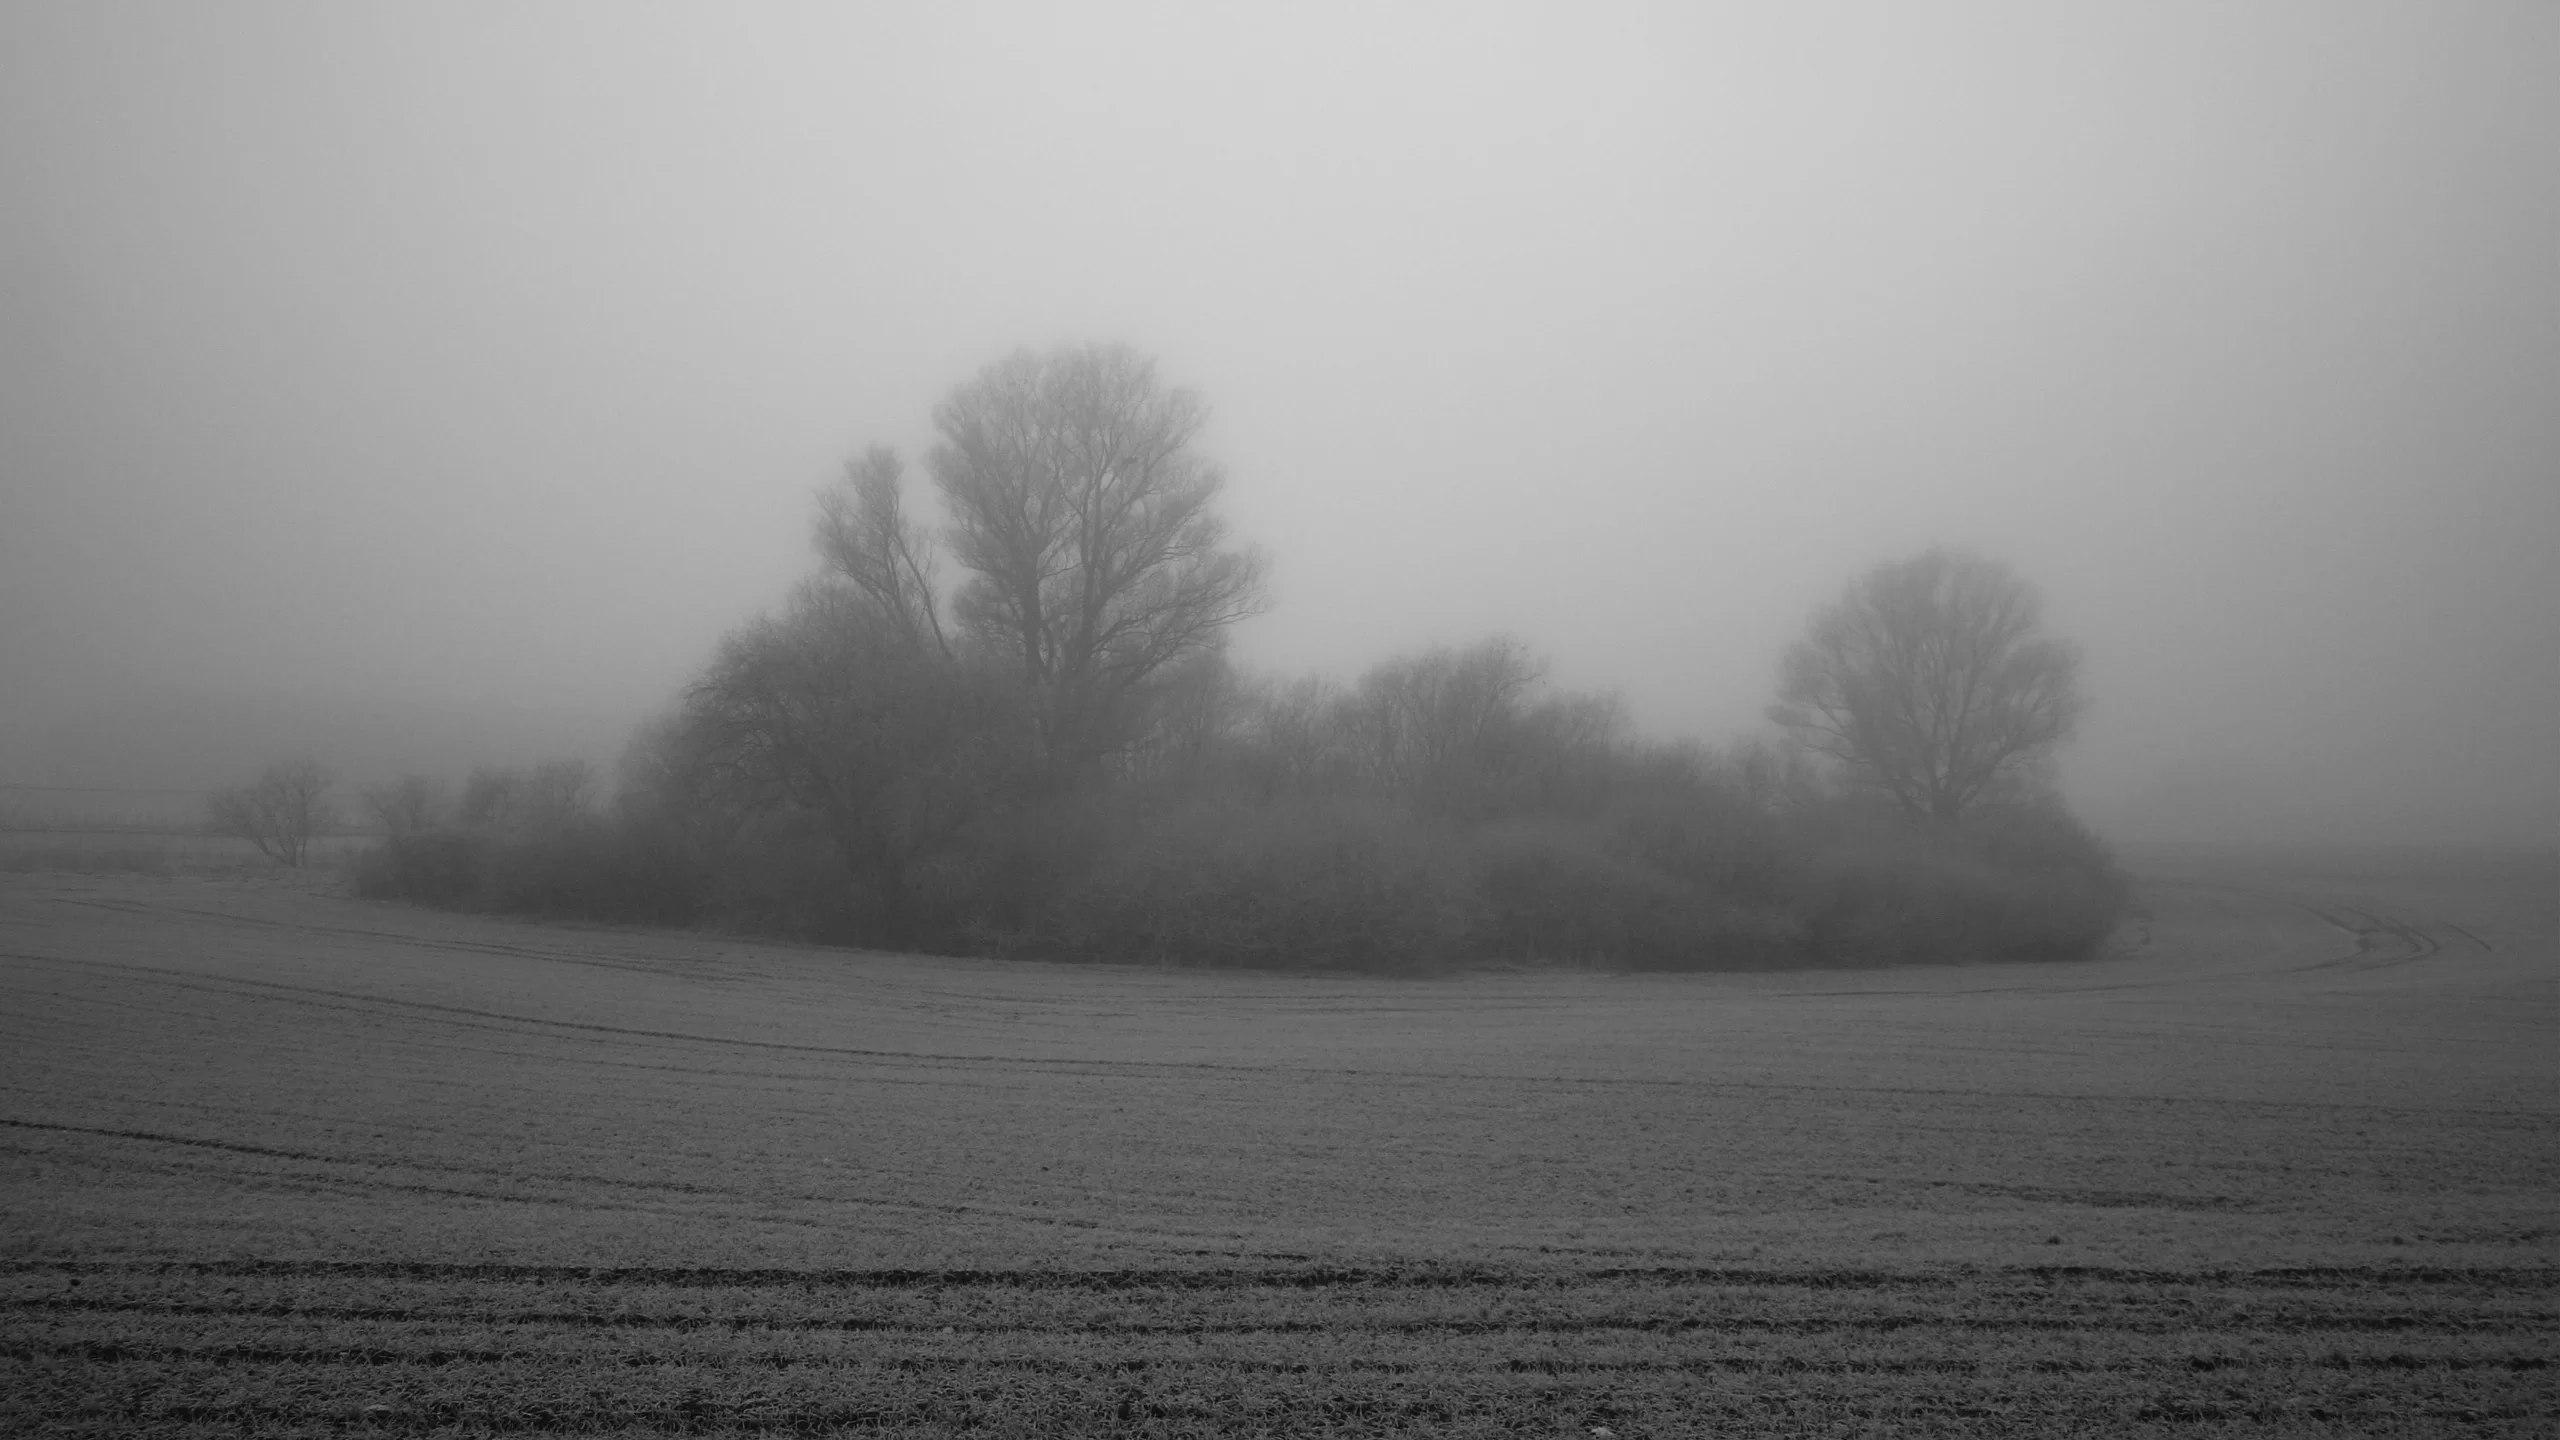 снится туман густой